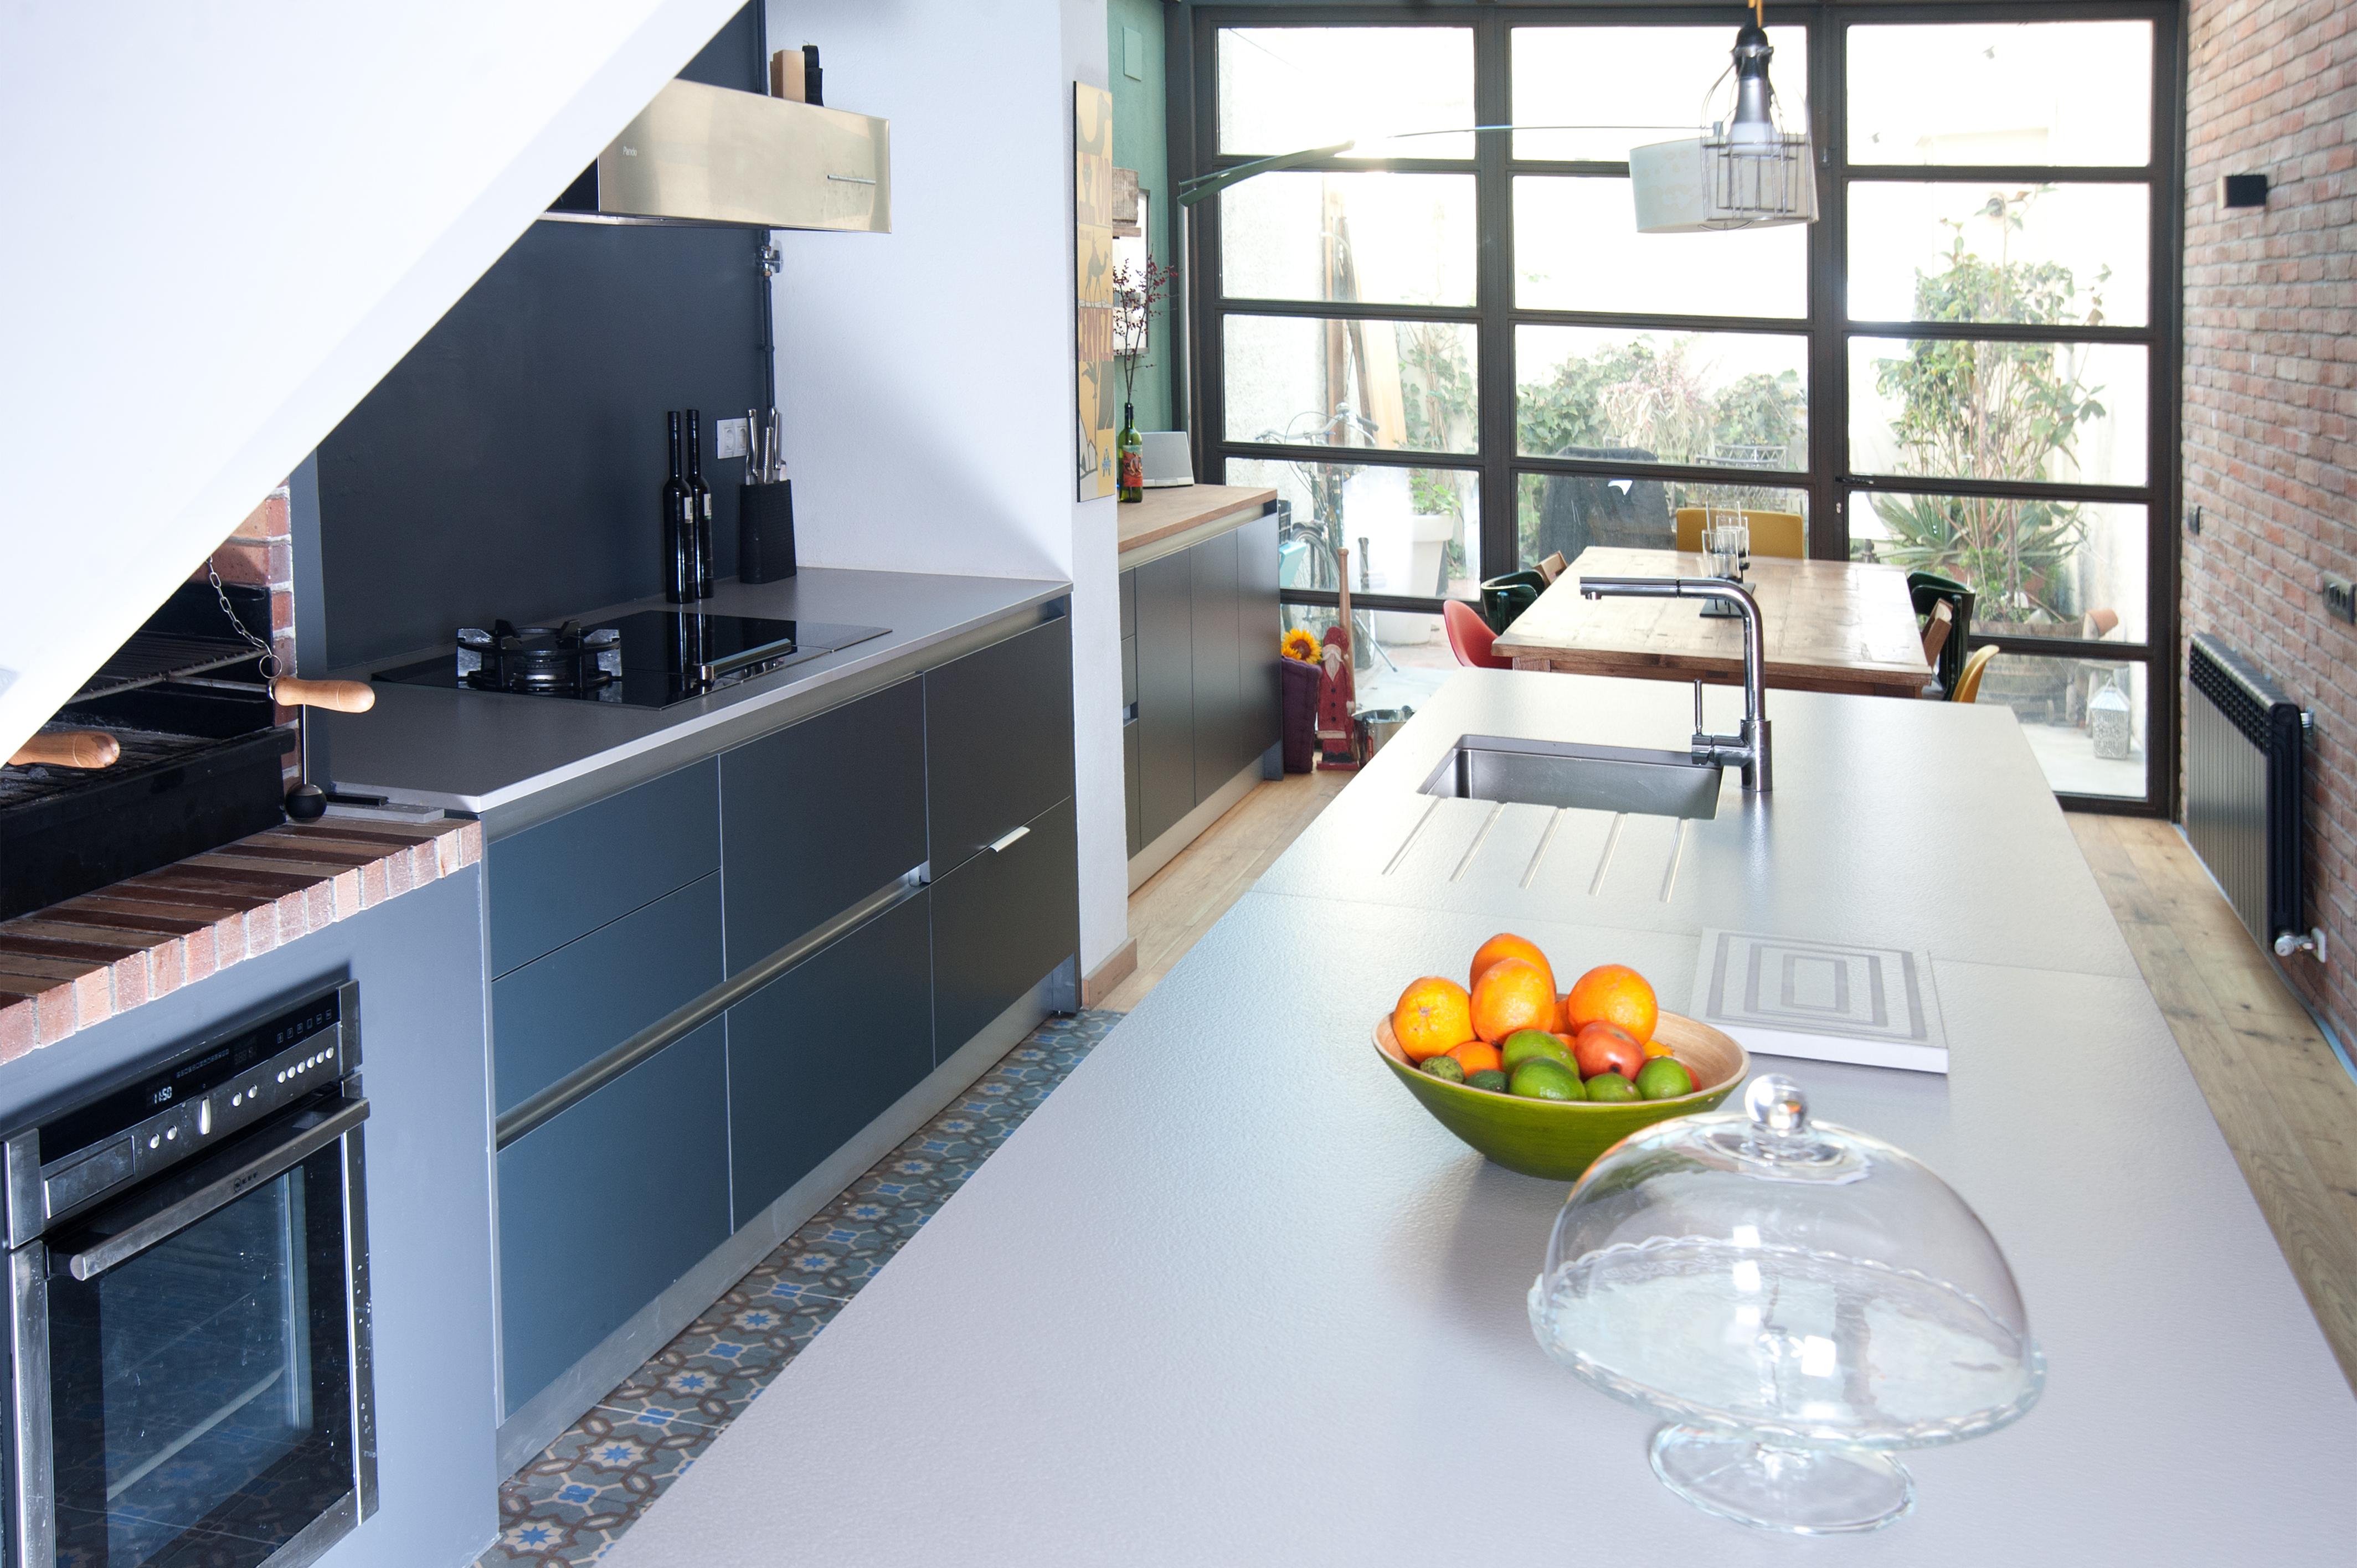 Cocinas brava cocinas de dise o muebles cocina strati for Muebles de cocina para exterior